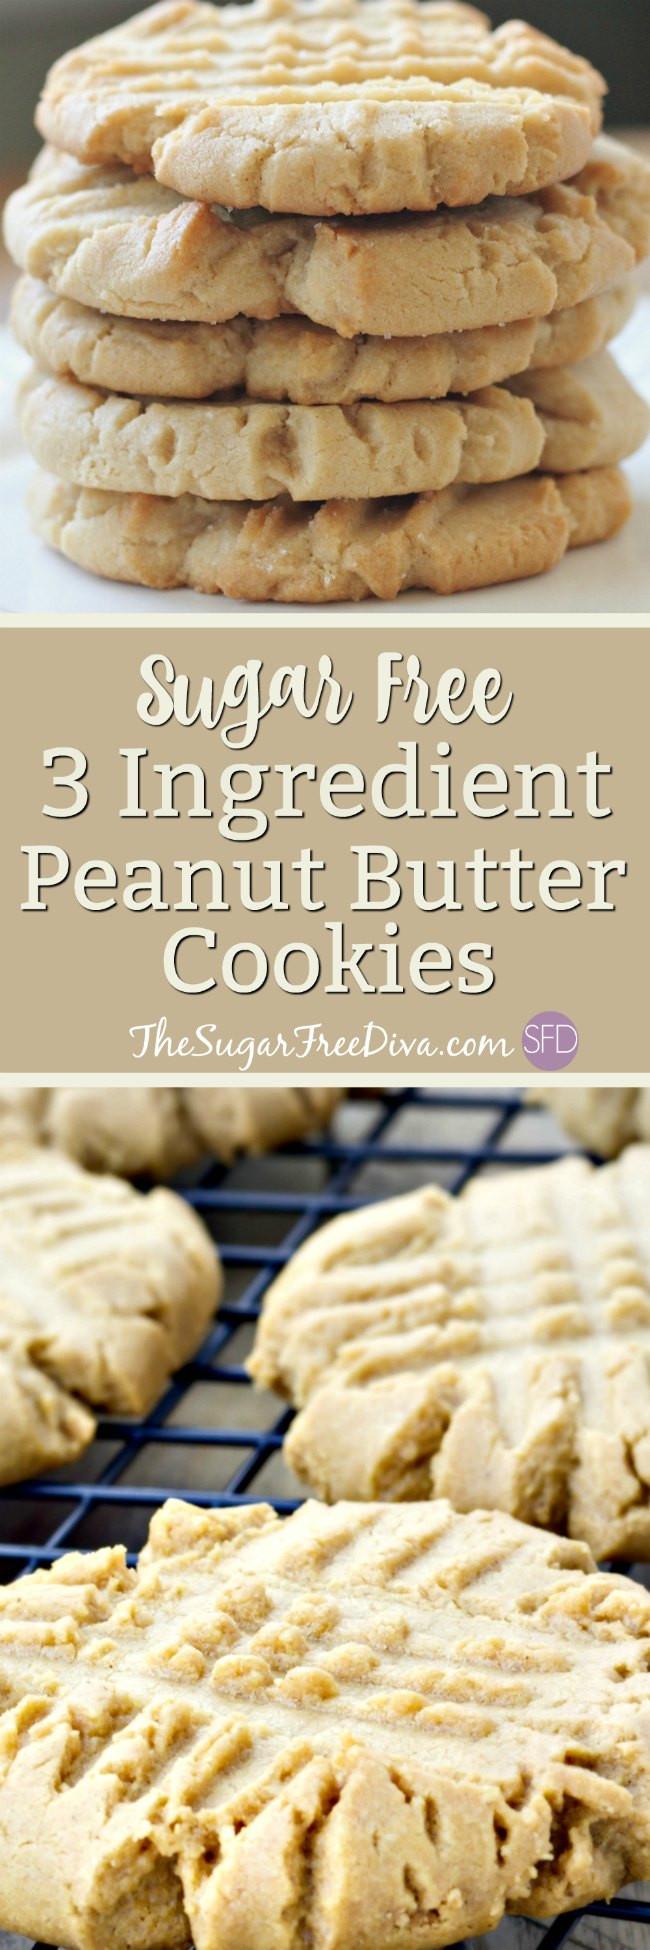 3 Ingredient Sugar Cookies  3 Ingre nt Sugar Free Peanut Butter Cookies